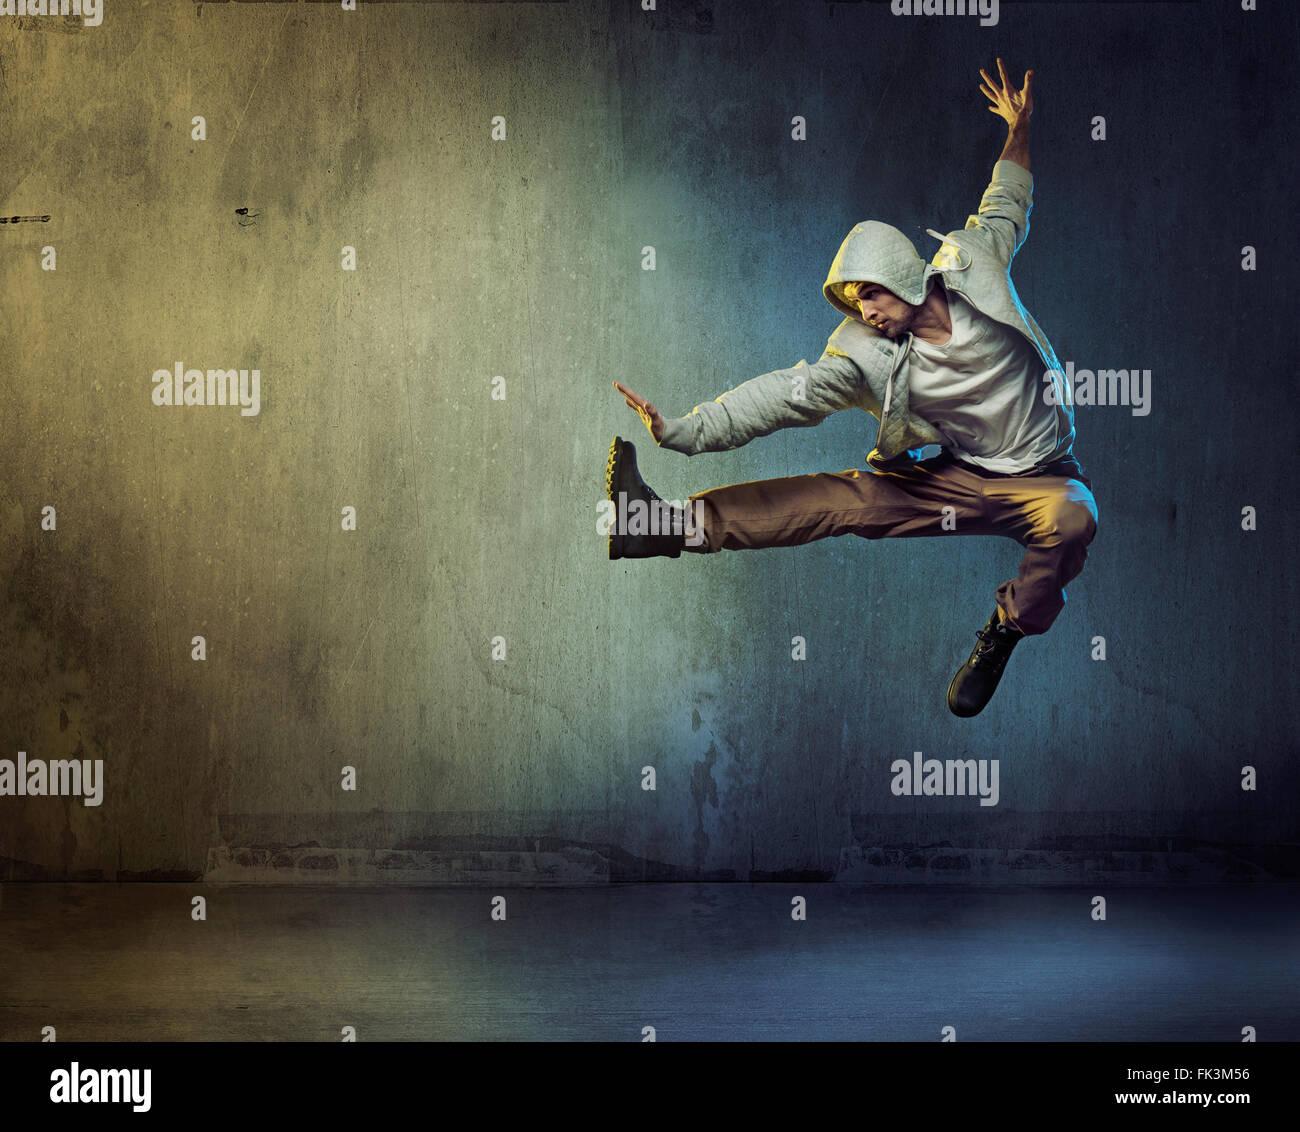 Athletic bailarina en una pose super salto Imagen De Stock